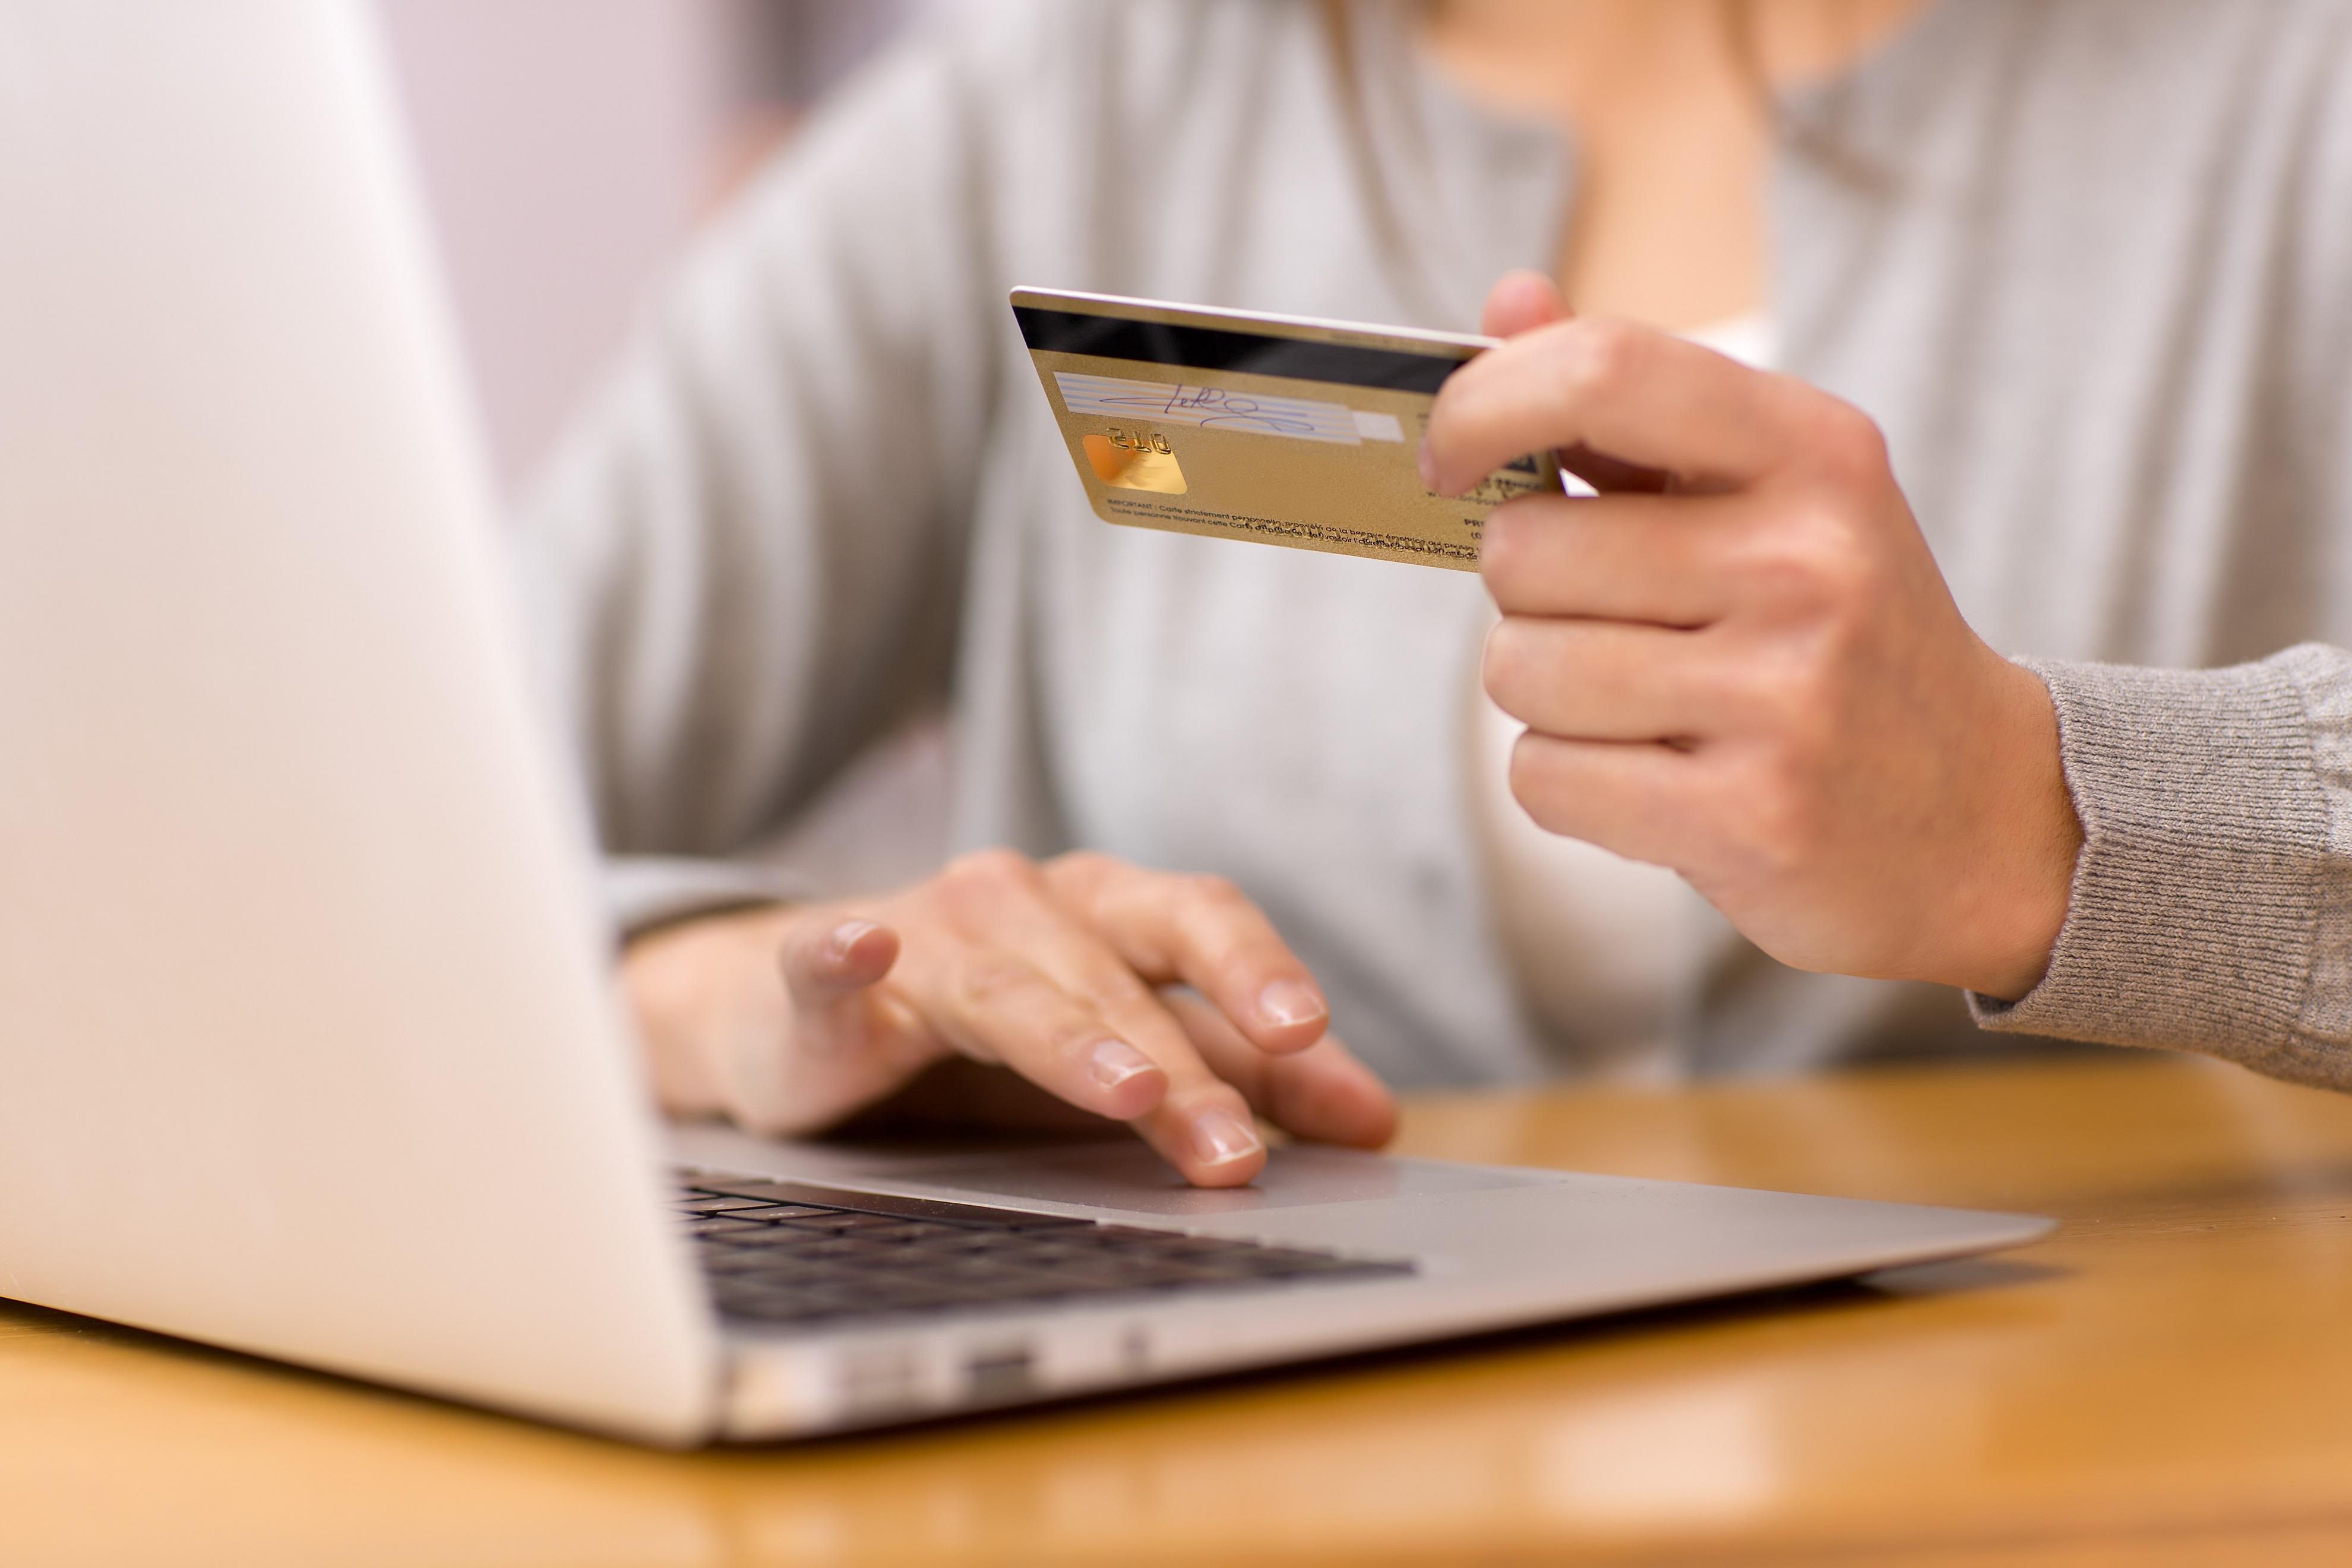 'Amper prijsverschil tussen fysiek en online'